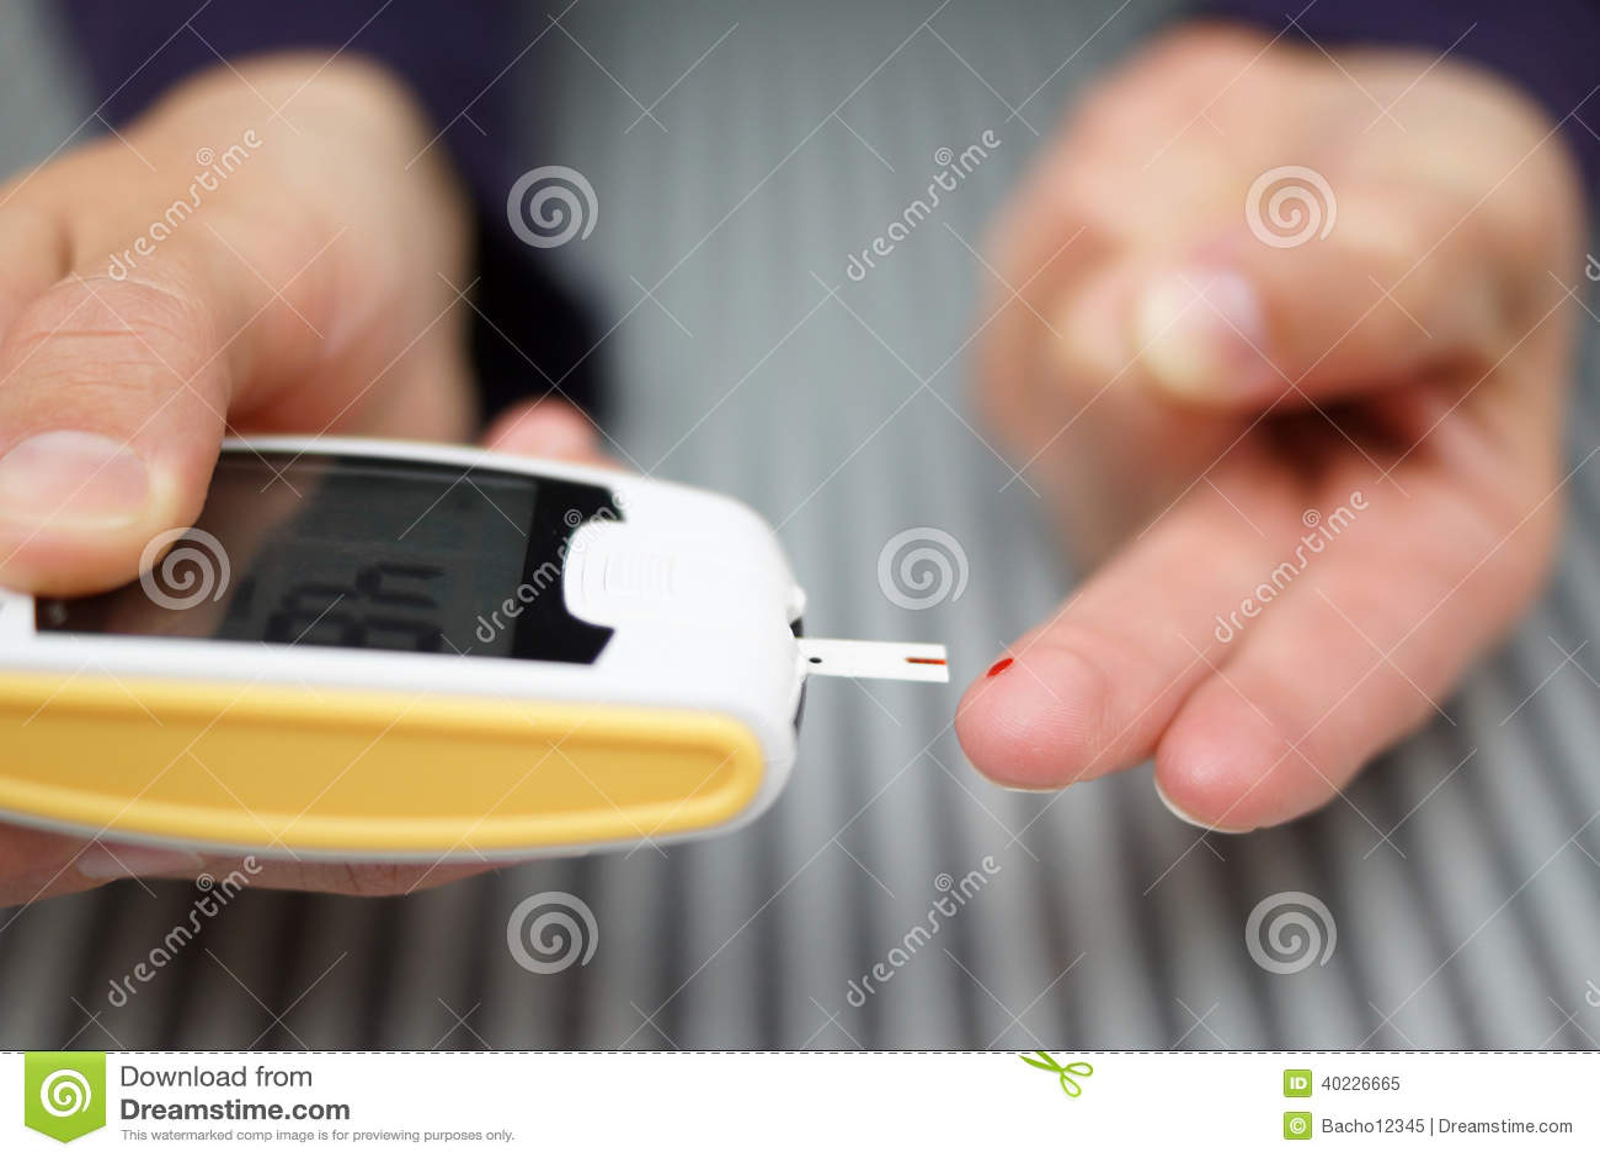 Mulher com diabetes